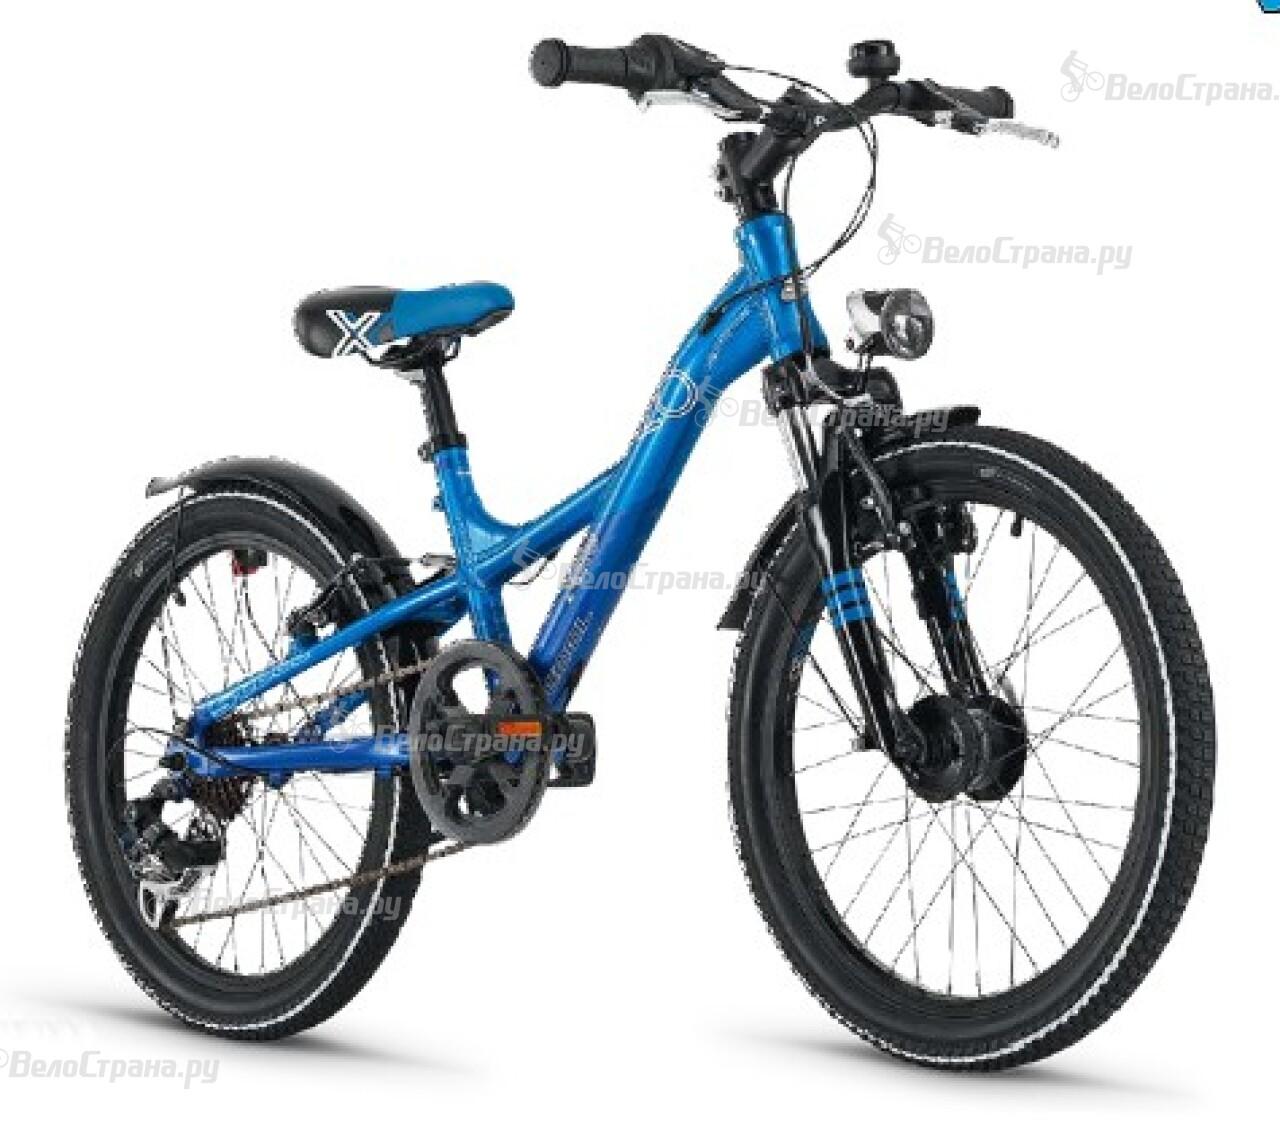 Велосипед Scool XX lite 20 7S (2014) nikon prostaff 7s 8x42